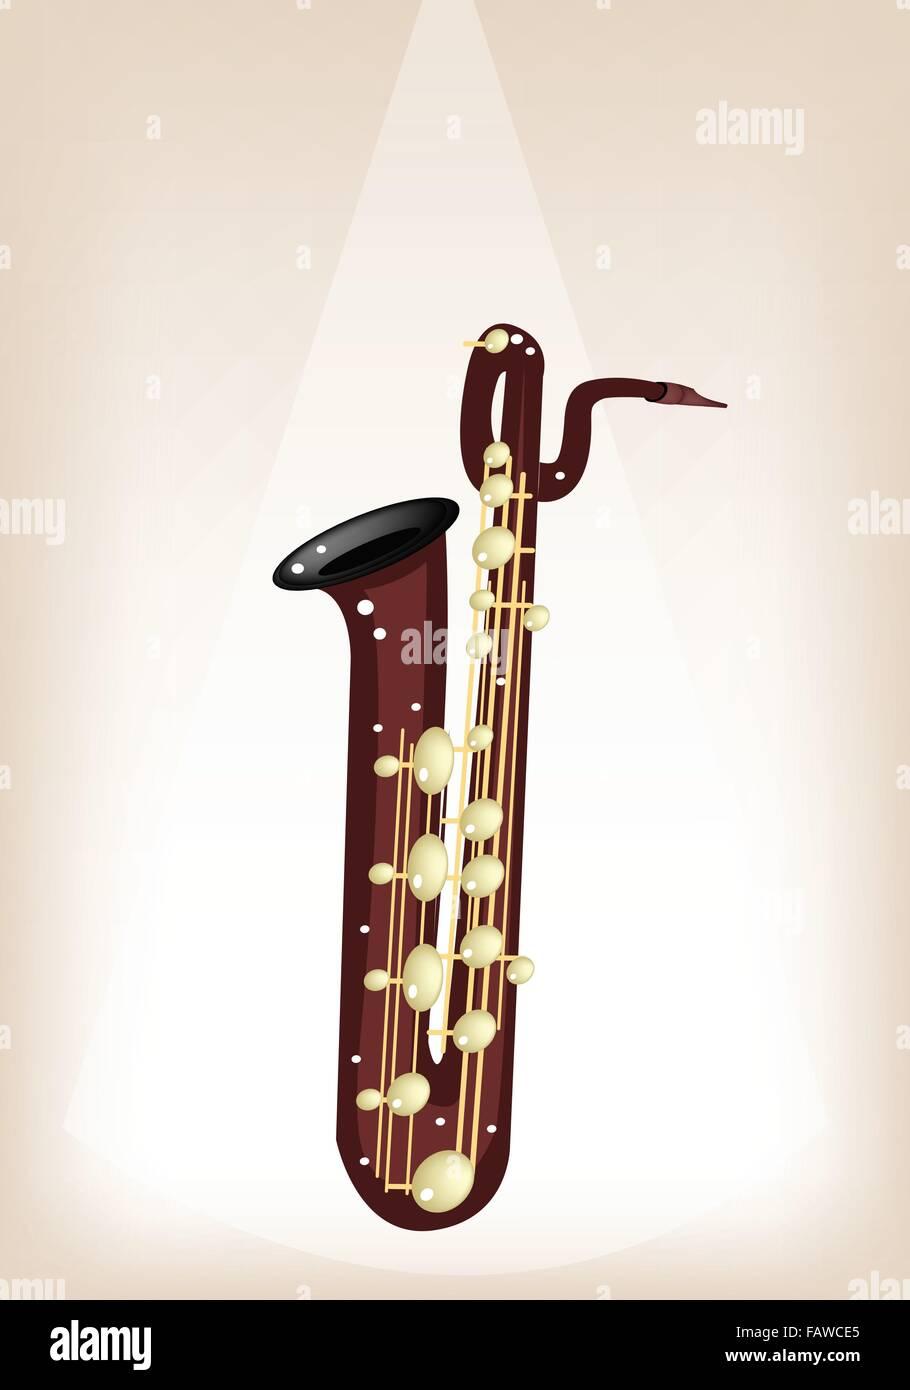 instrument de musique, une illustration couleur brun doré de